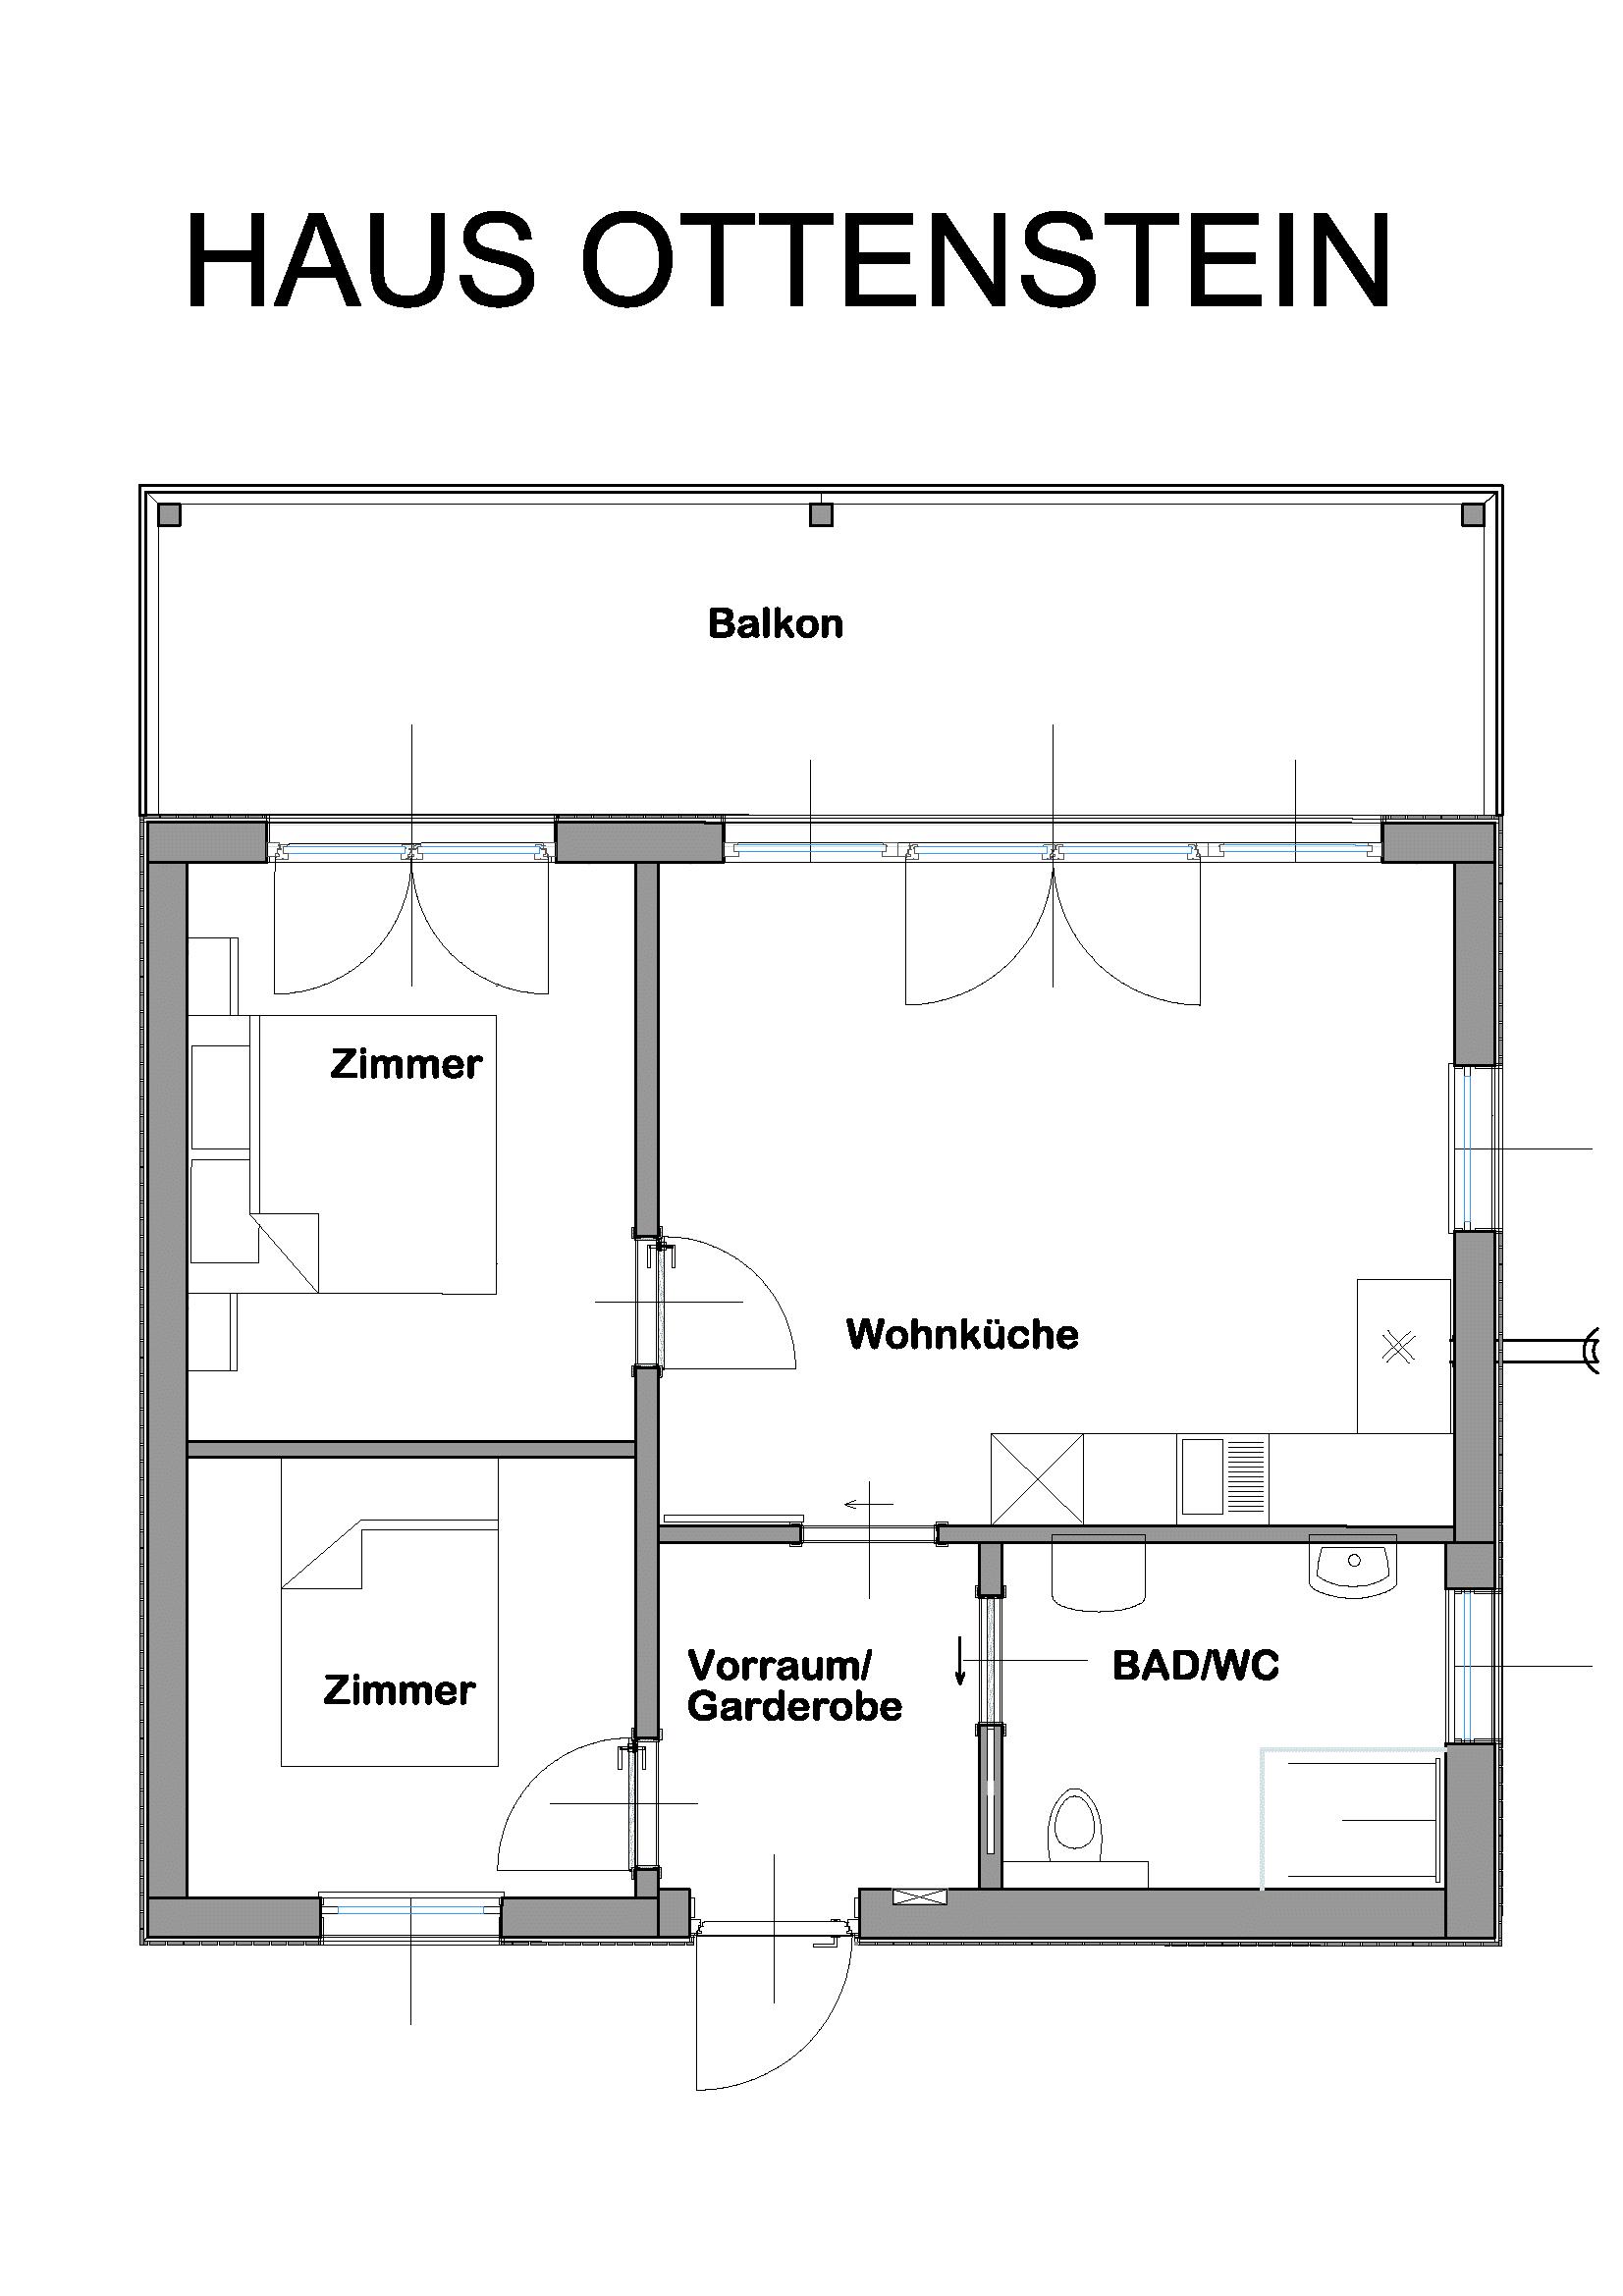 Haus Ottenstein